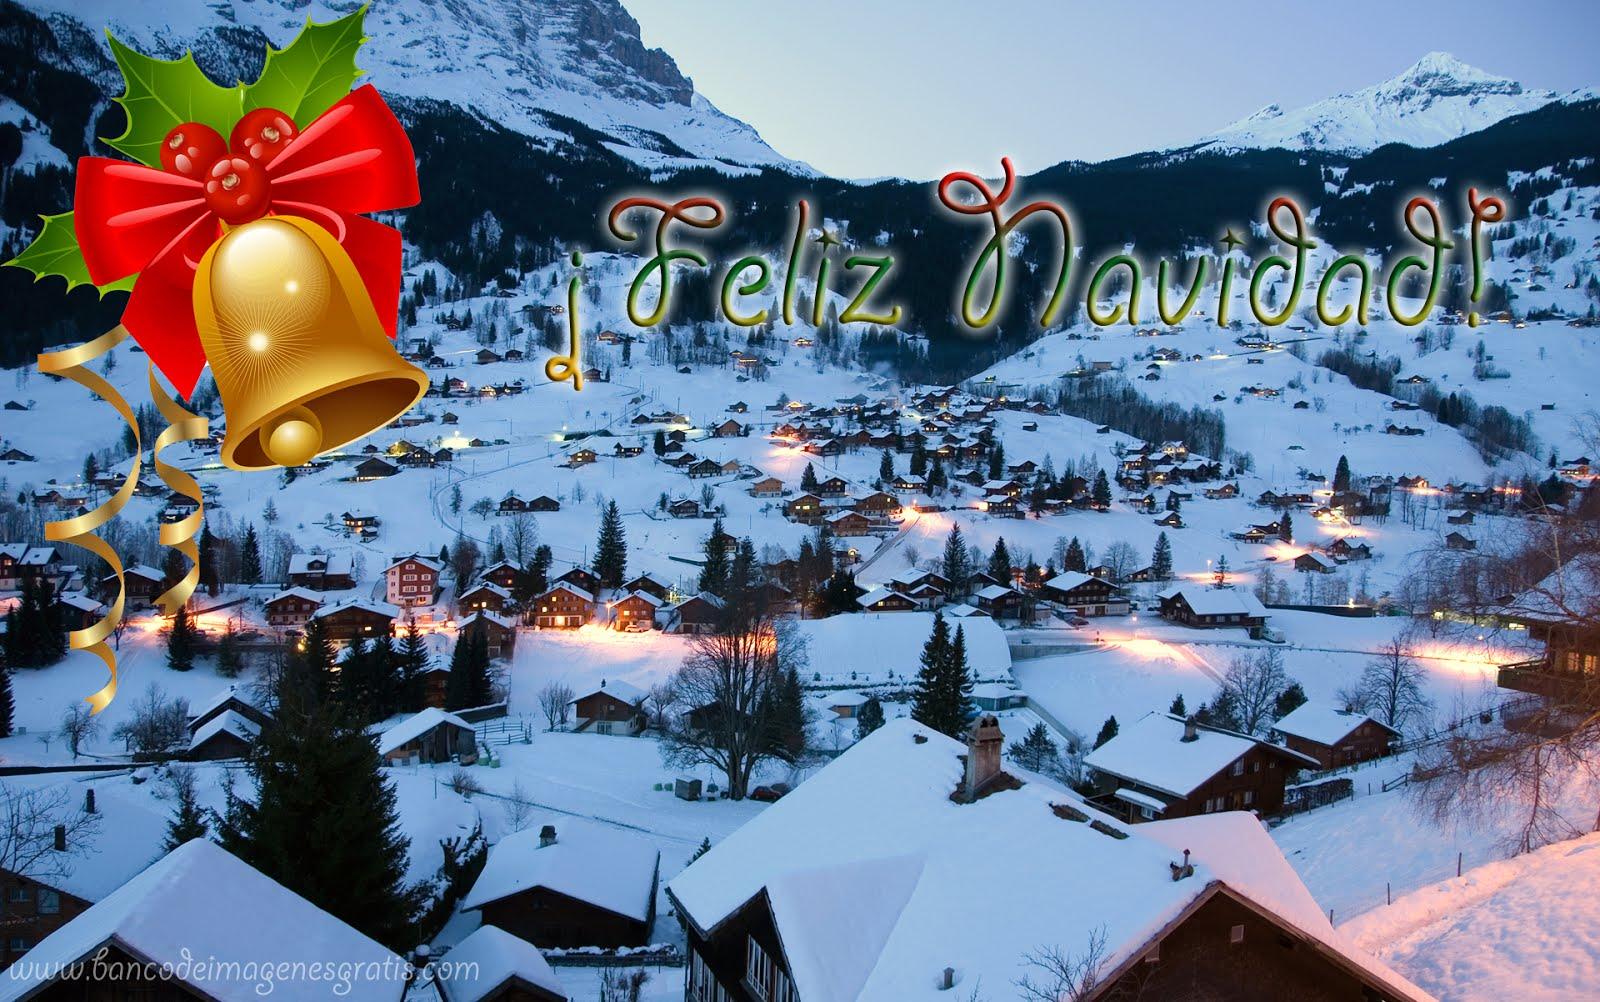 nota haga usted click aqui para ver mas postales de navidad